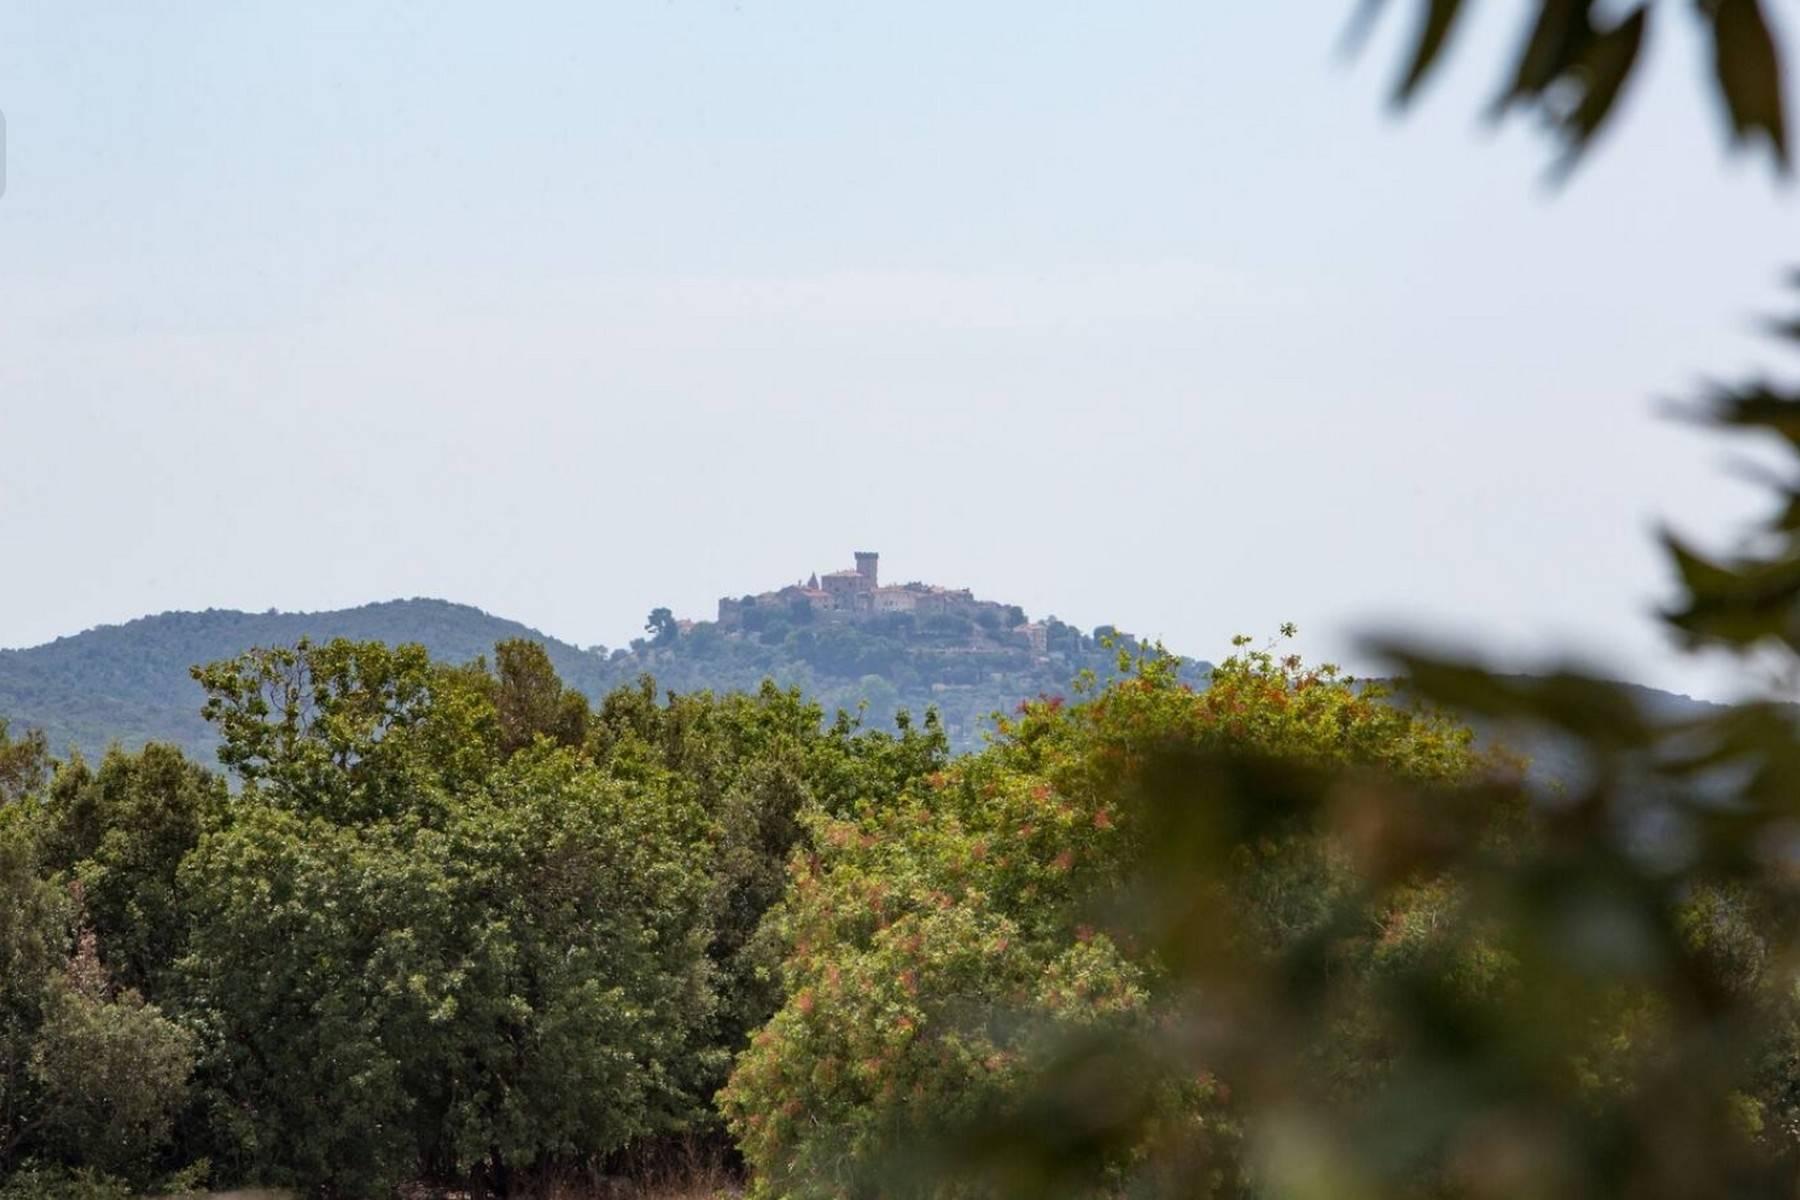 Rustico in Vendita a Capalbio: 5 locali, 170 mq - Foto 10